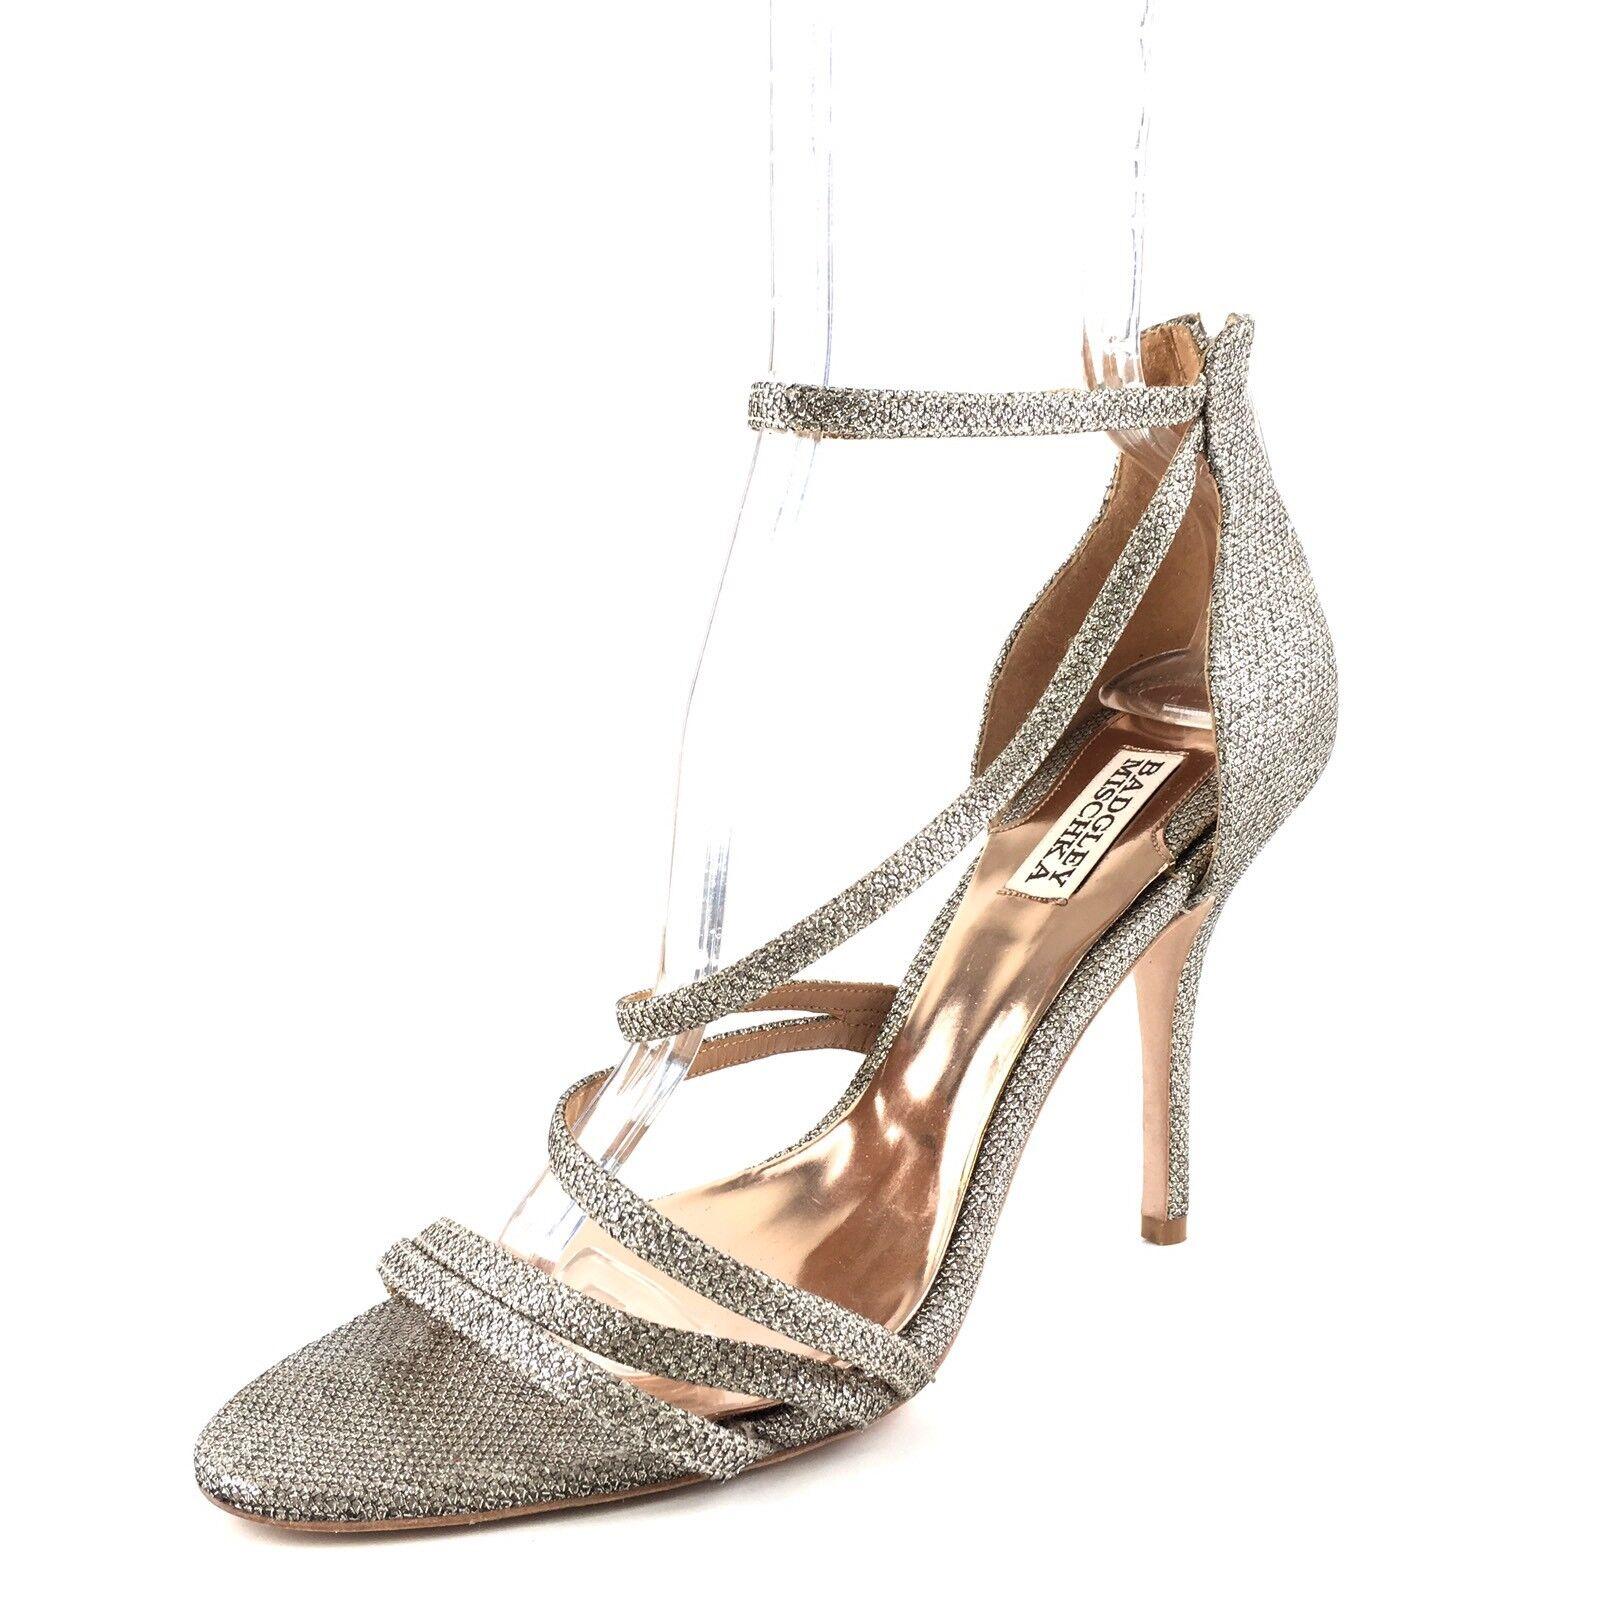 Badgley Mischka Landmark Silver Metallic Strappy Dress Sandales Damenschuhe Größe 10 M